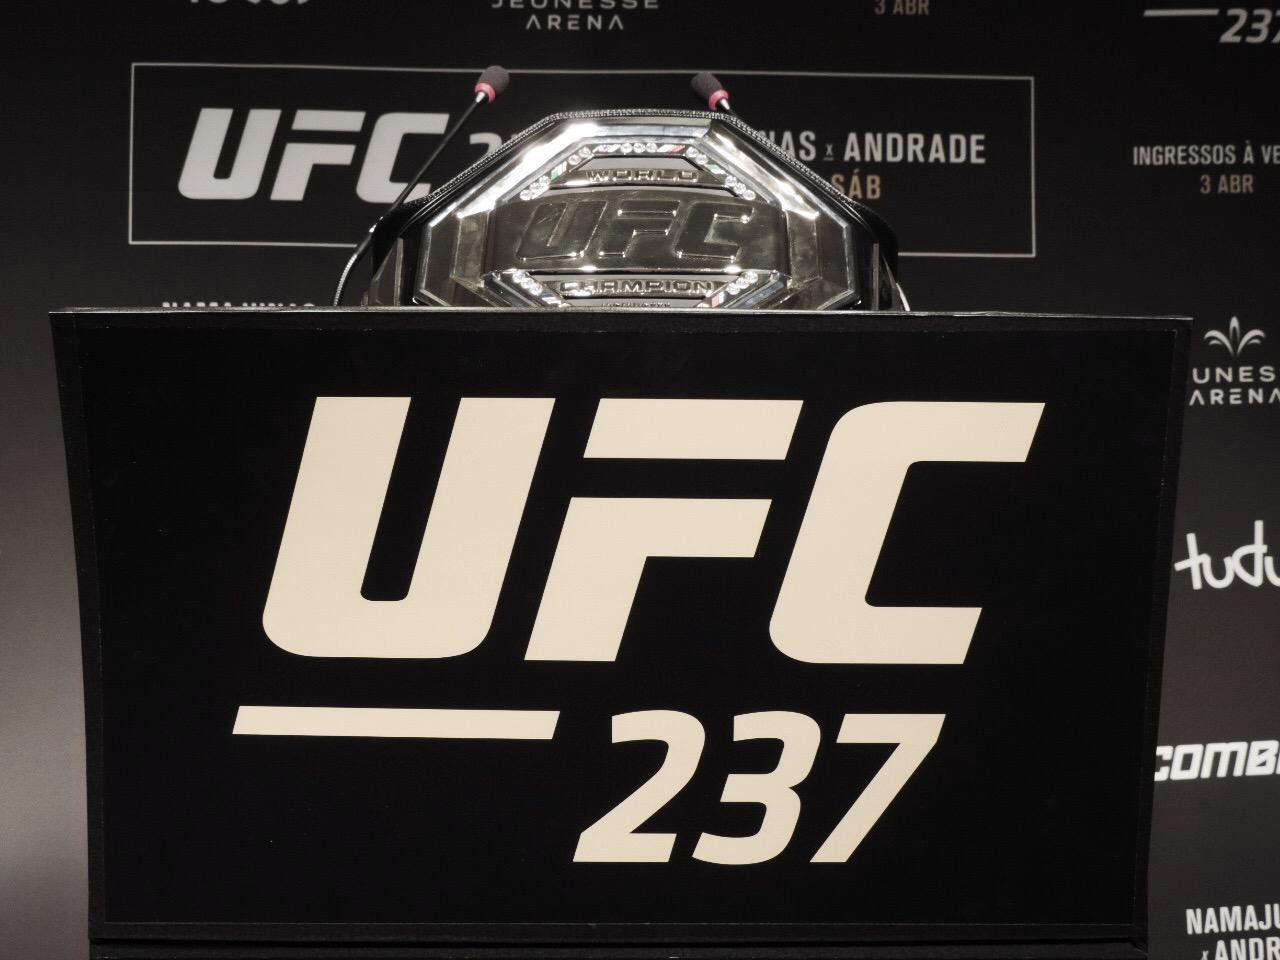 UFC começa a vender ingressos para evento 237, que acontecerá Rio de Janeiro